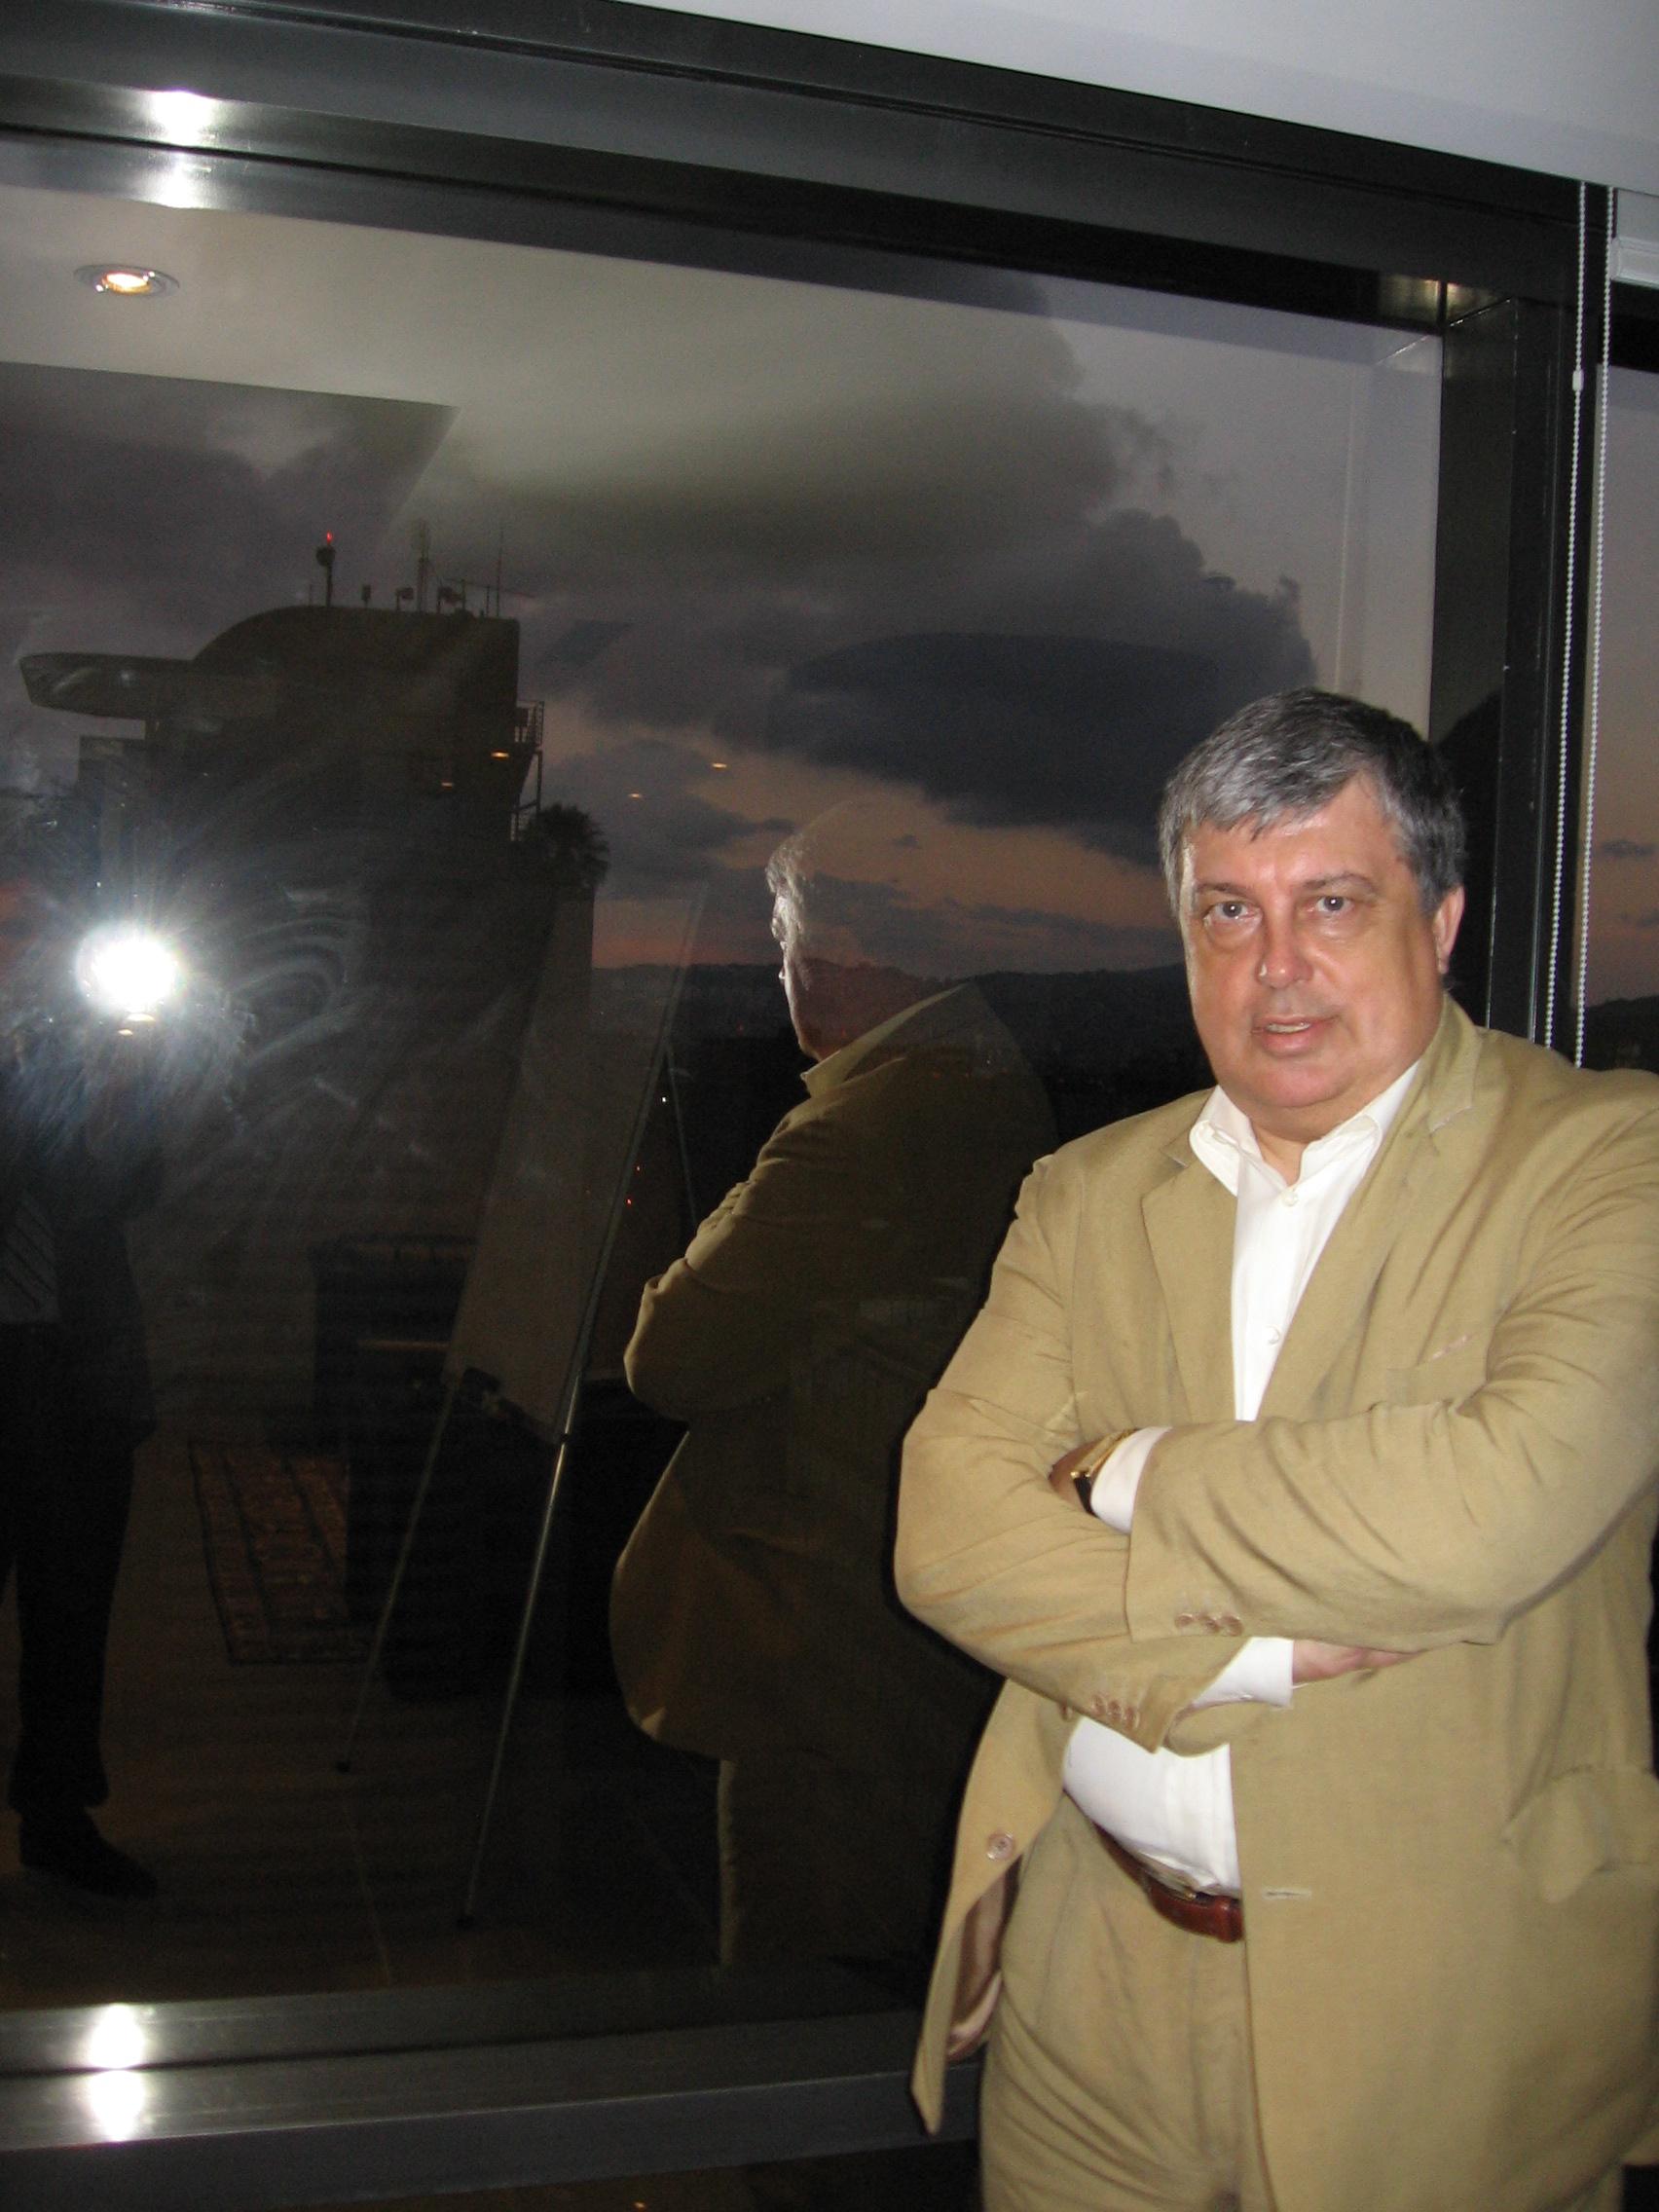 работа в москве менеджер по продажам автомобилей без опыта работы